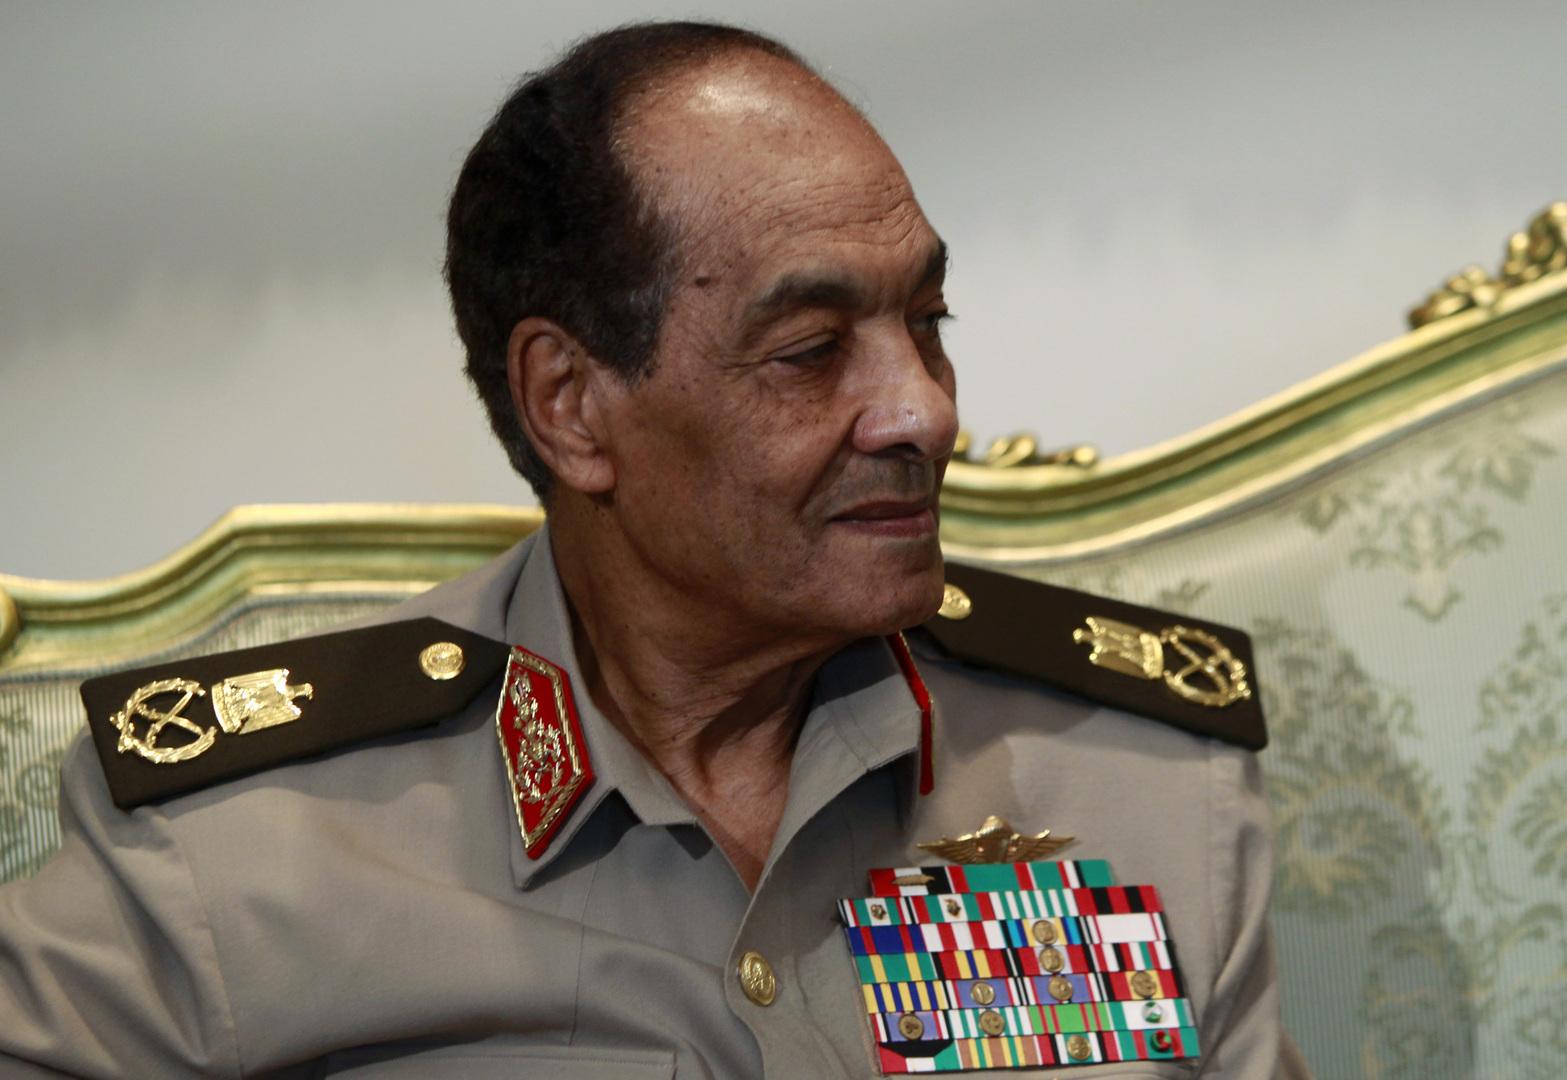 القائد العام السابق للقوات المسلحة في مصر، المشير حسين طنطاوي.